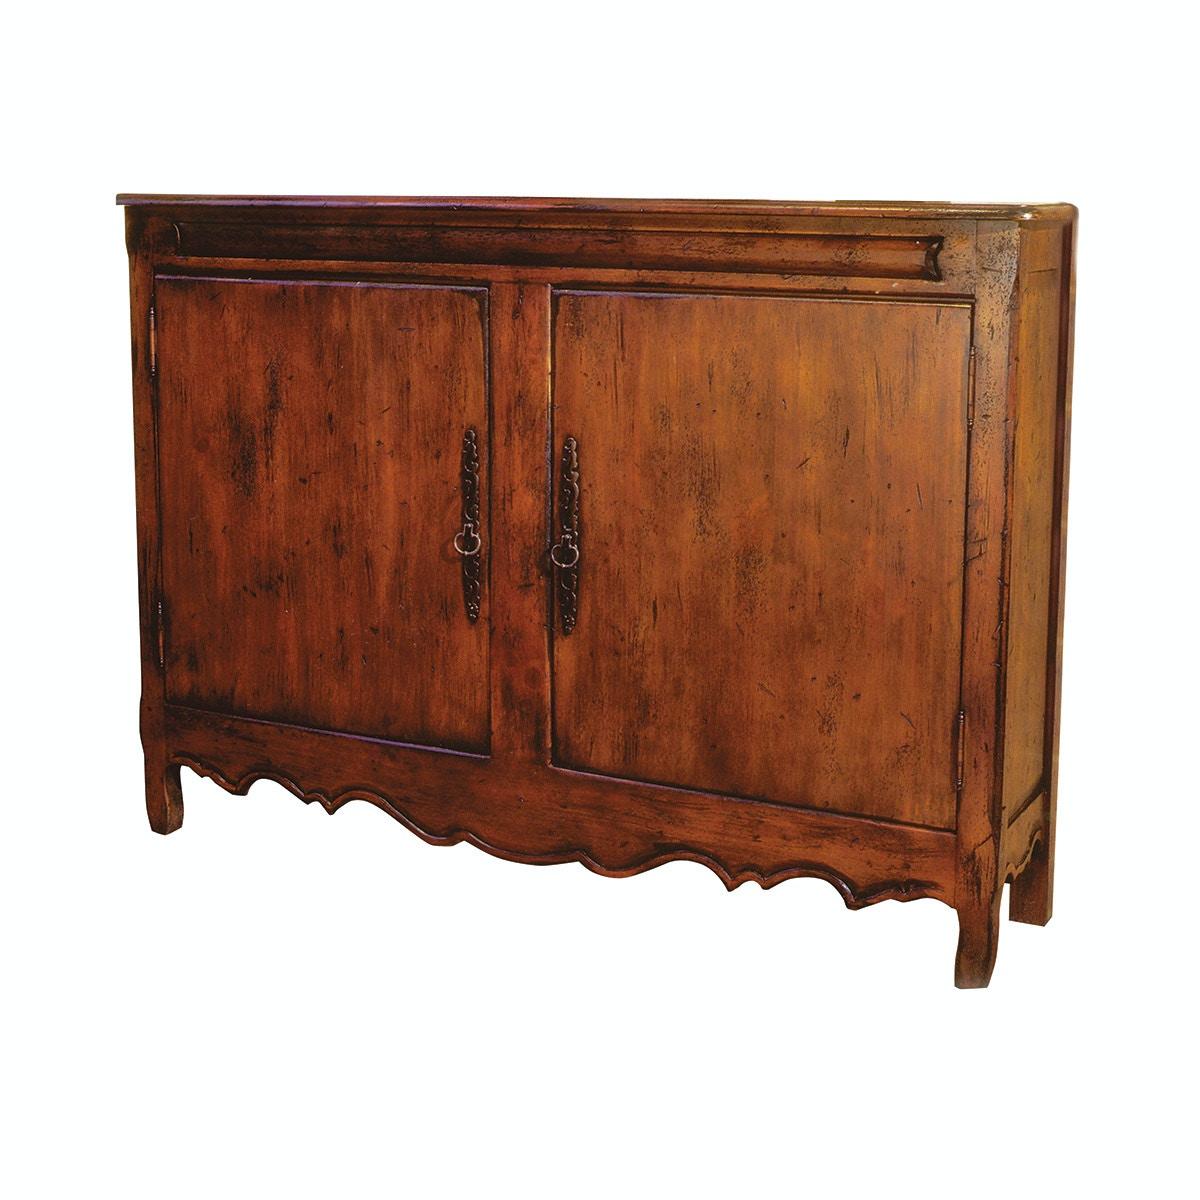 buffet server furniture. Habersham Furniture Oxford Buffet/Server 23-1570 Buffet Server E